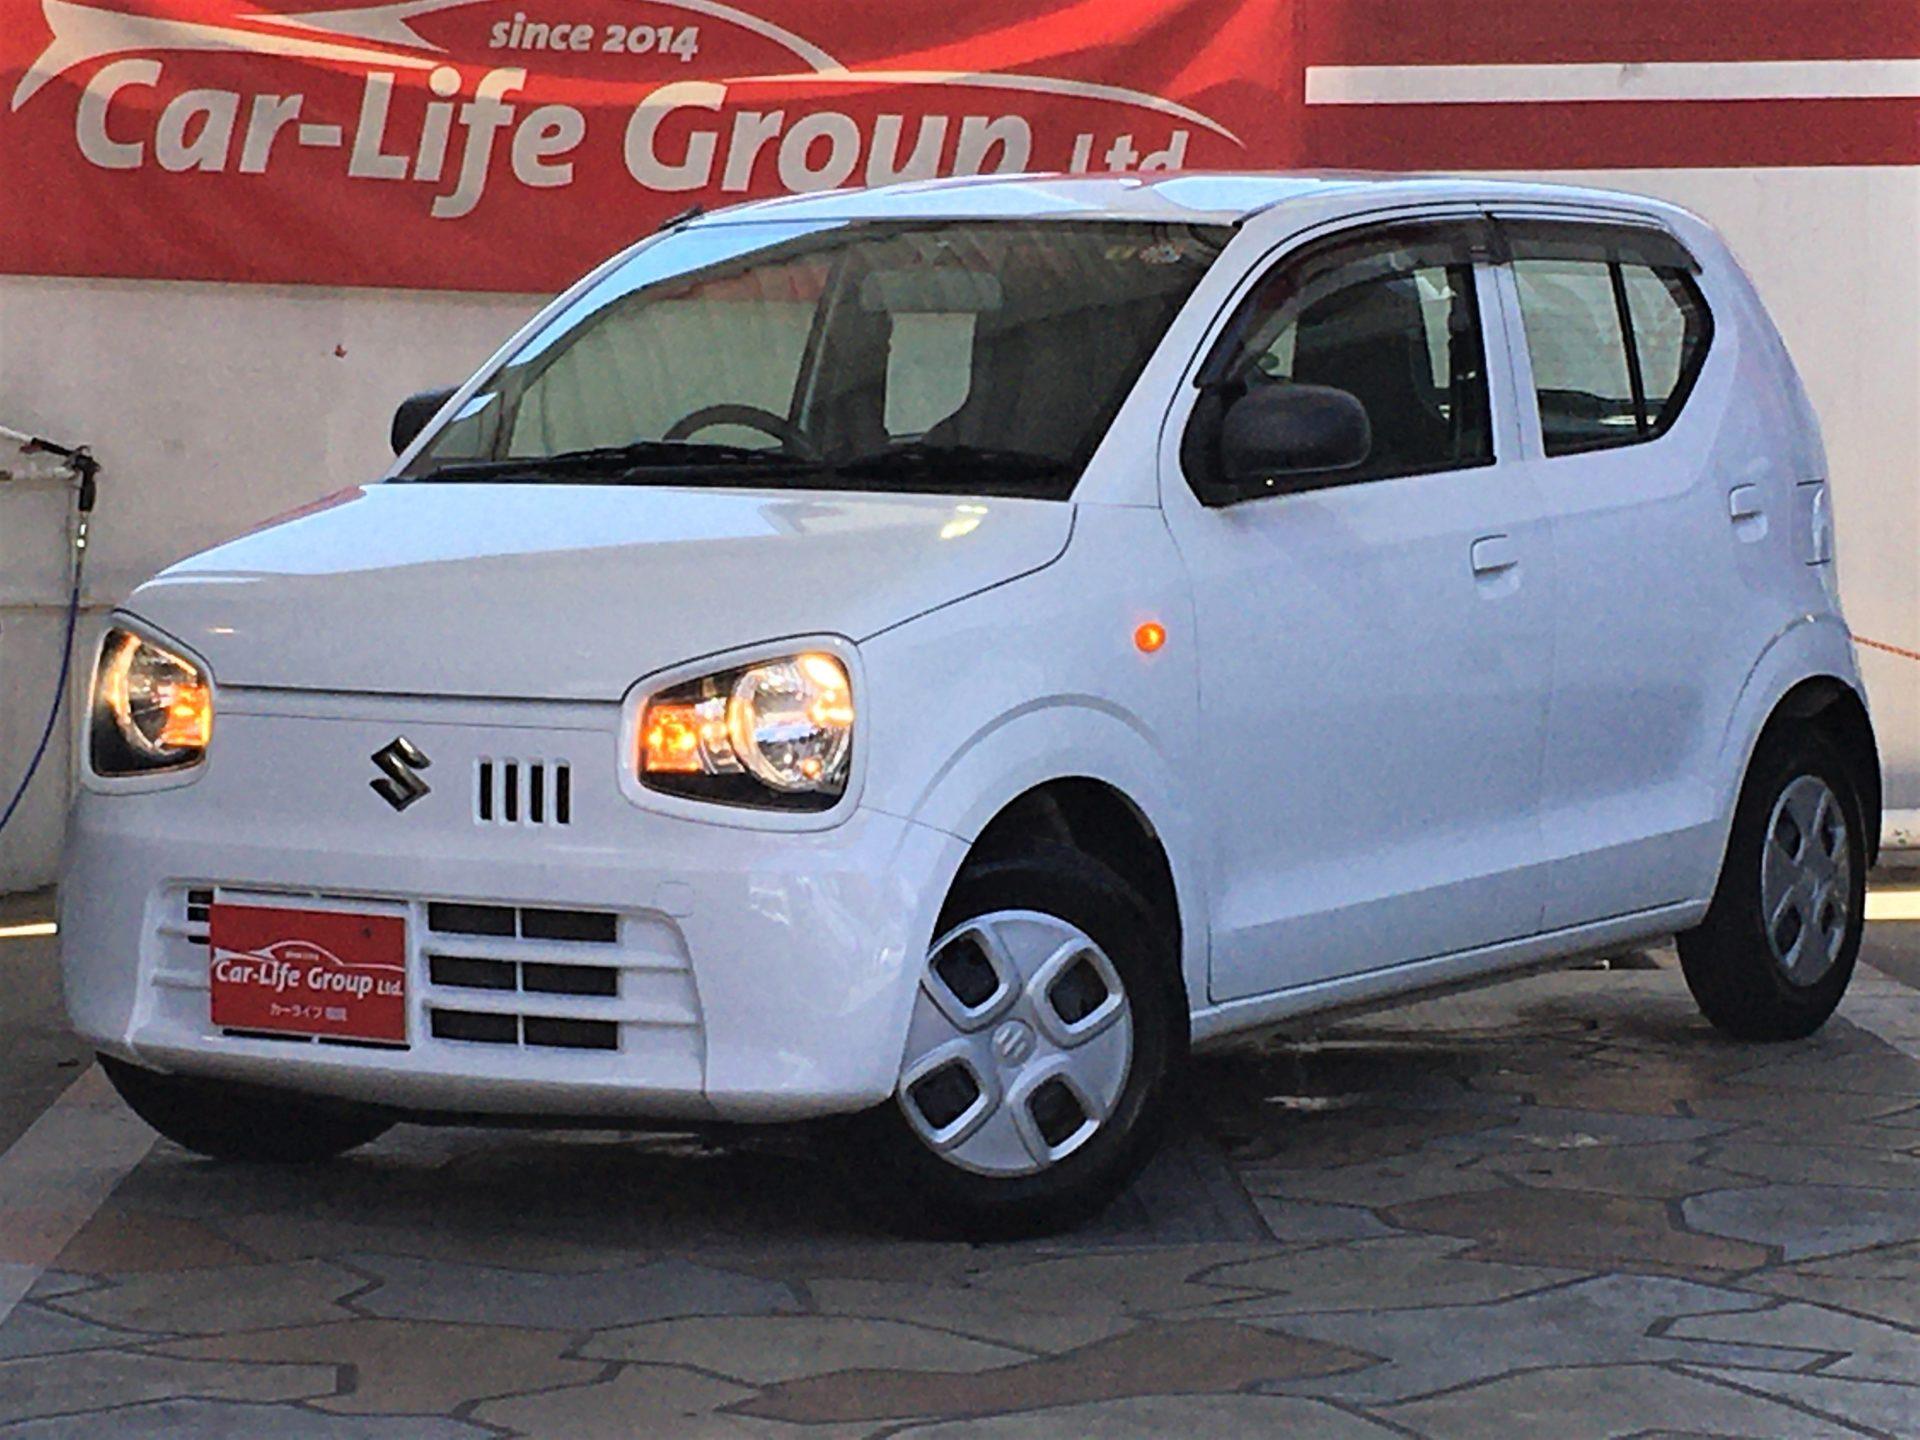 ヒーター 燃費 シート 後付けシートヒーターおすすめ人気10選と選び方|エアコンよりも燃費が良くなるってホント?